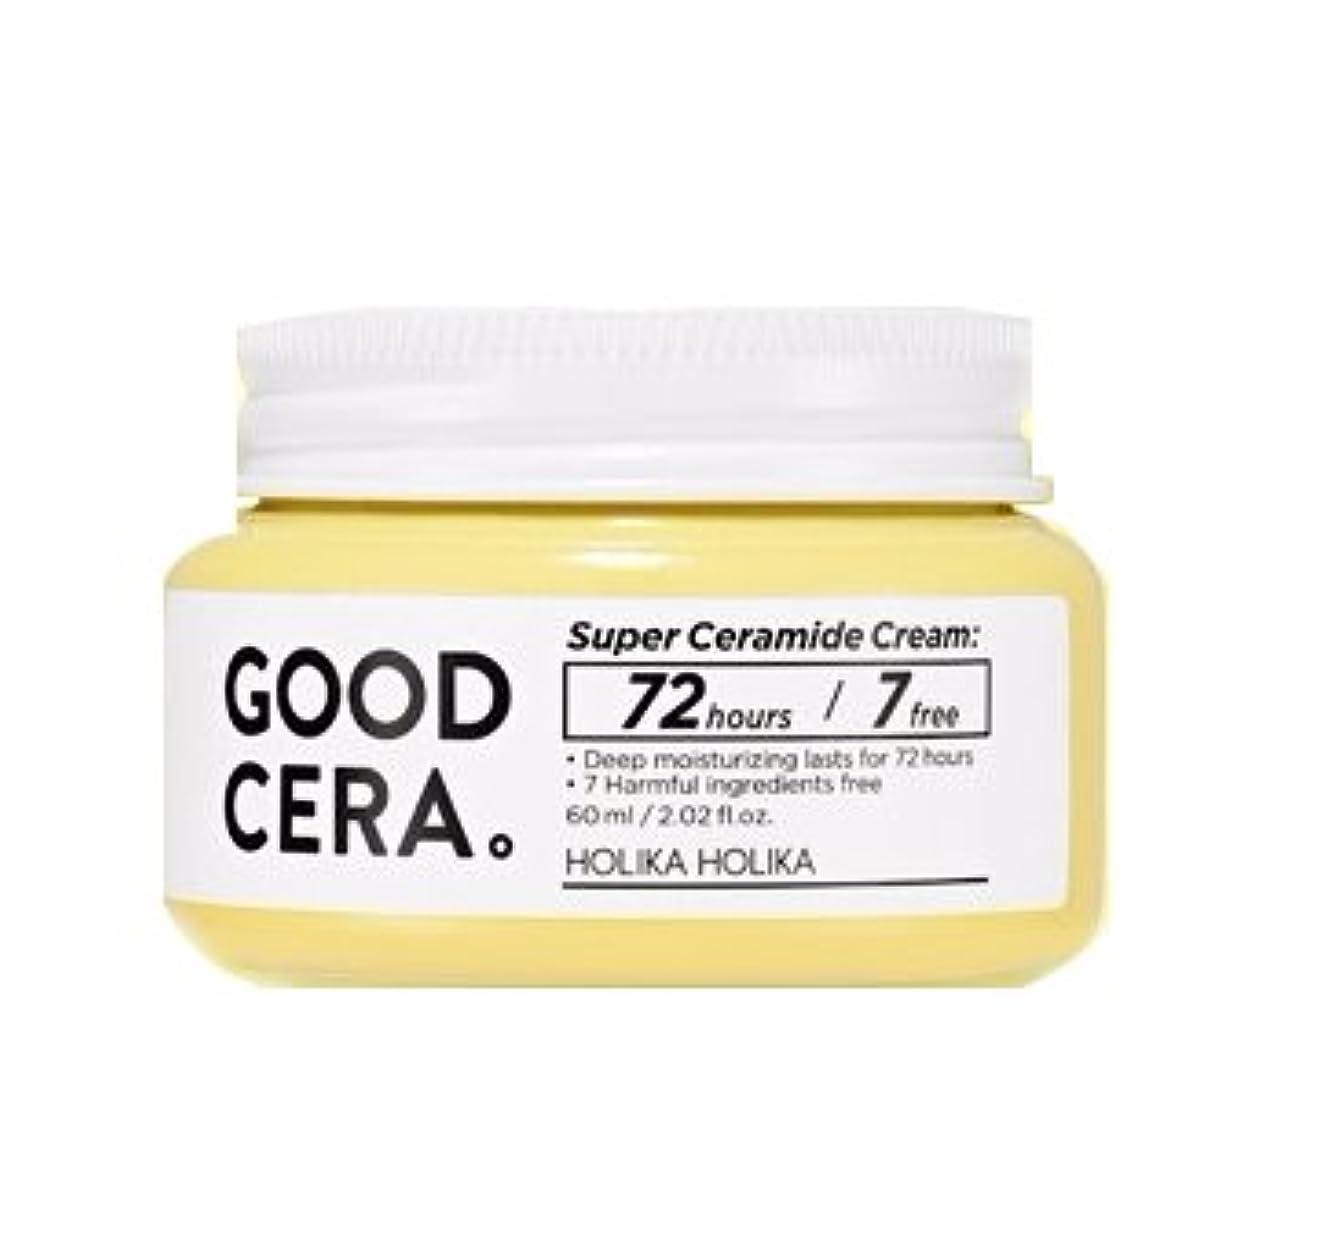 液化するサイズ落とし穴[NEW] ホリカホリカ スーパーセラミドクリーム 60ml / HOLIKA HOLIKA Super Ceramide Cream [並行輸入品]